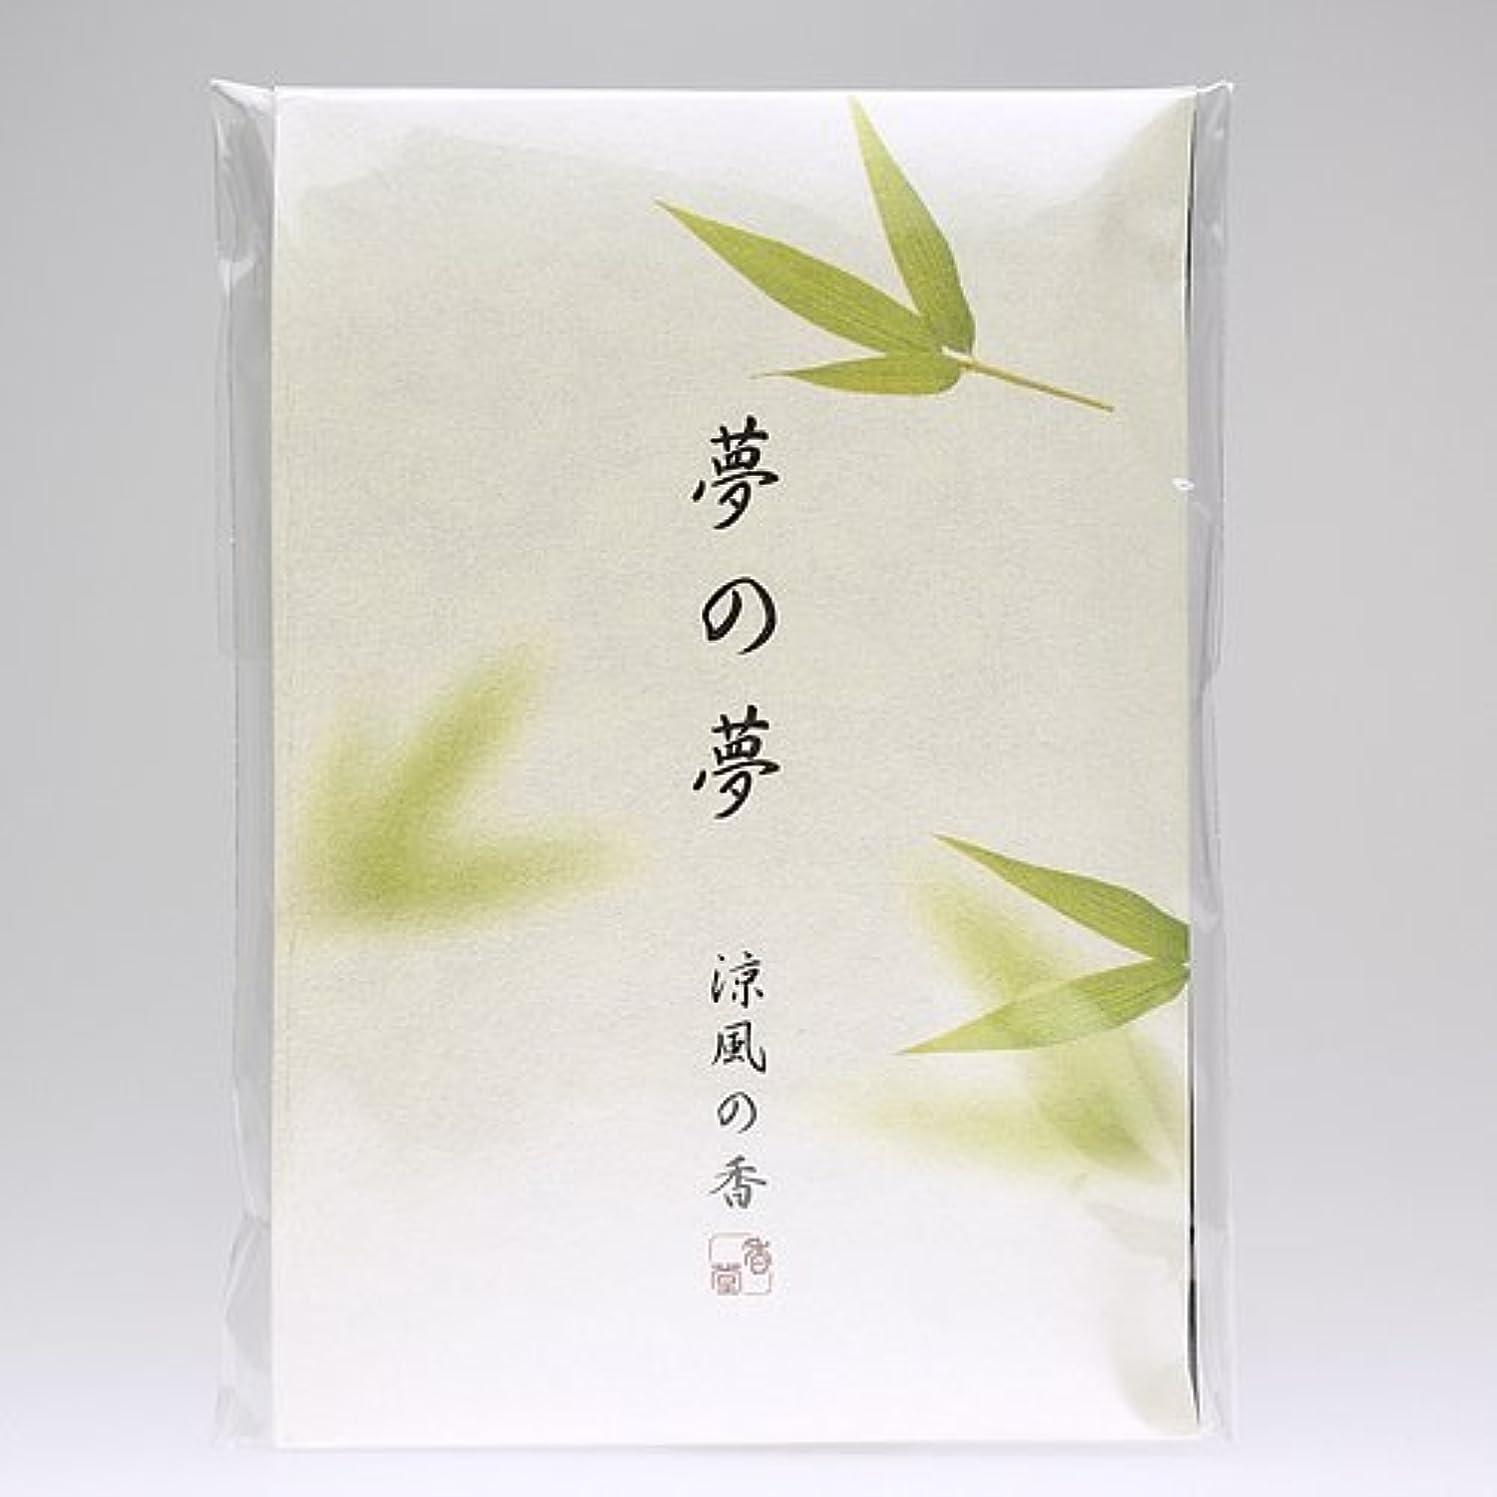 開梱化学薬品赤外線夢の夢 涼風の香 (笹) スティック12本入